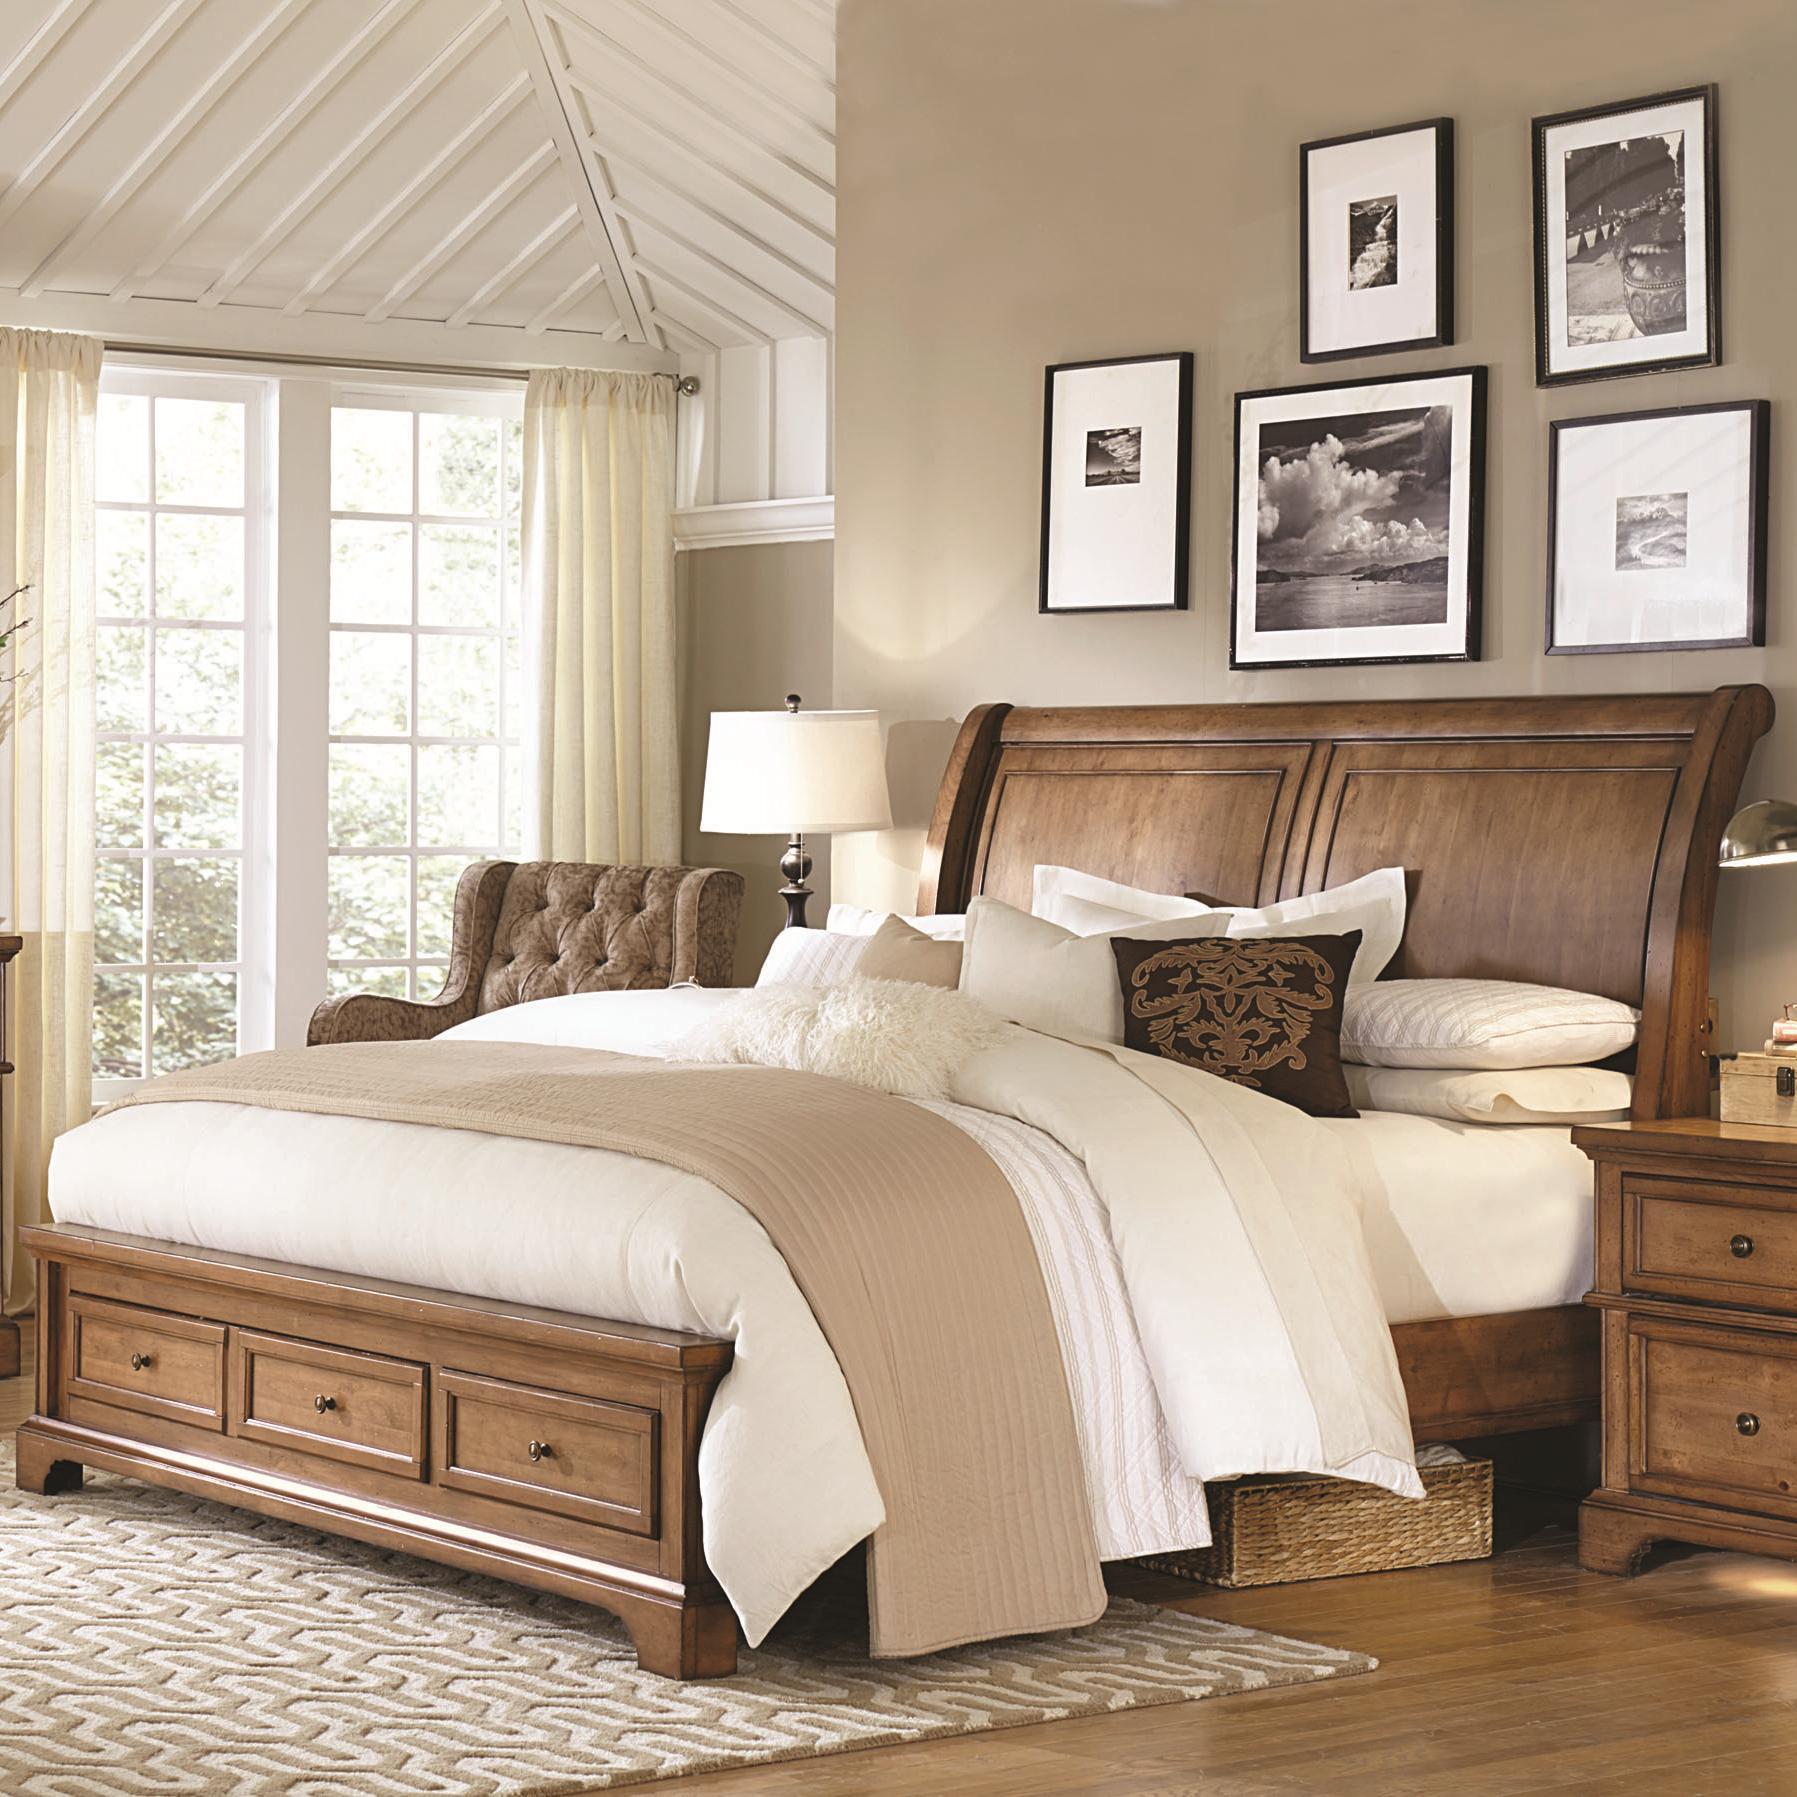 Aspenhome Alder Creek Queen Low Profile Sleigh Storage Bed Olinde 39 S Furniture Platform Beds